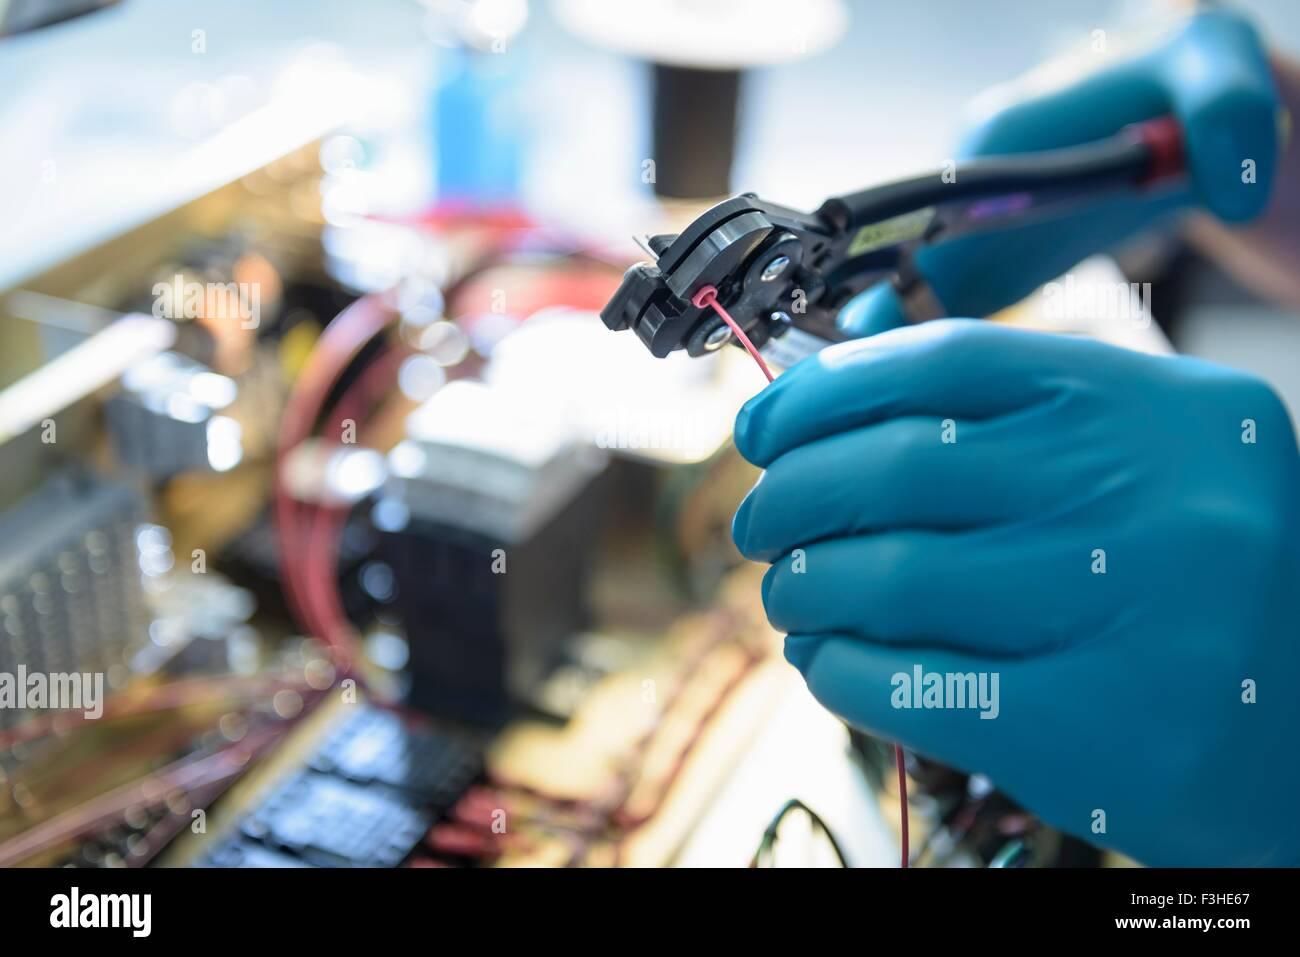 Arbeiter, die Montage der Elektronik in der Elektronik-Fabrik, Fokus auf Händen Stockbild